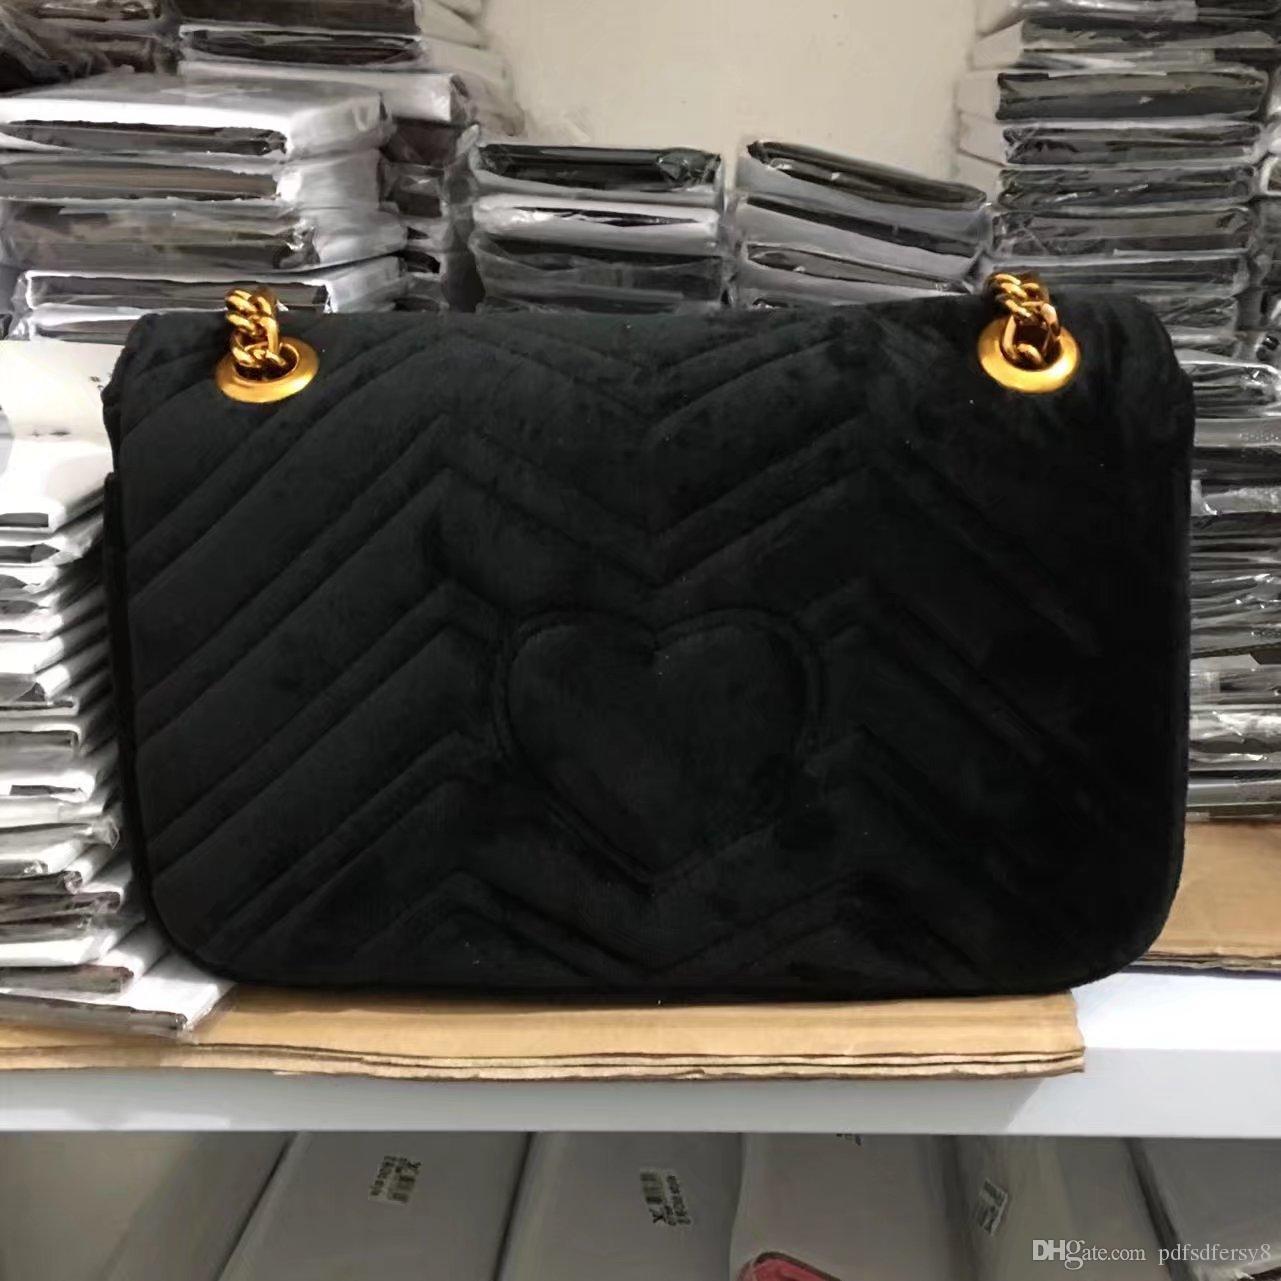 Frete grátis 2018 New bolsa de maquiagem cadeia de moda presente da bolsa de ombro bolsa famosa festa de luxo de veludo Mulheres designer sacos